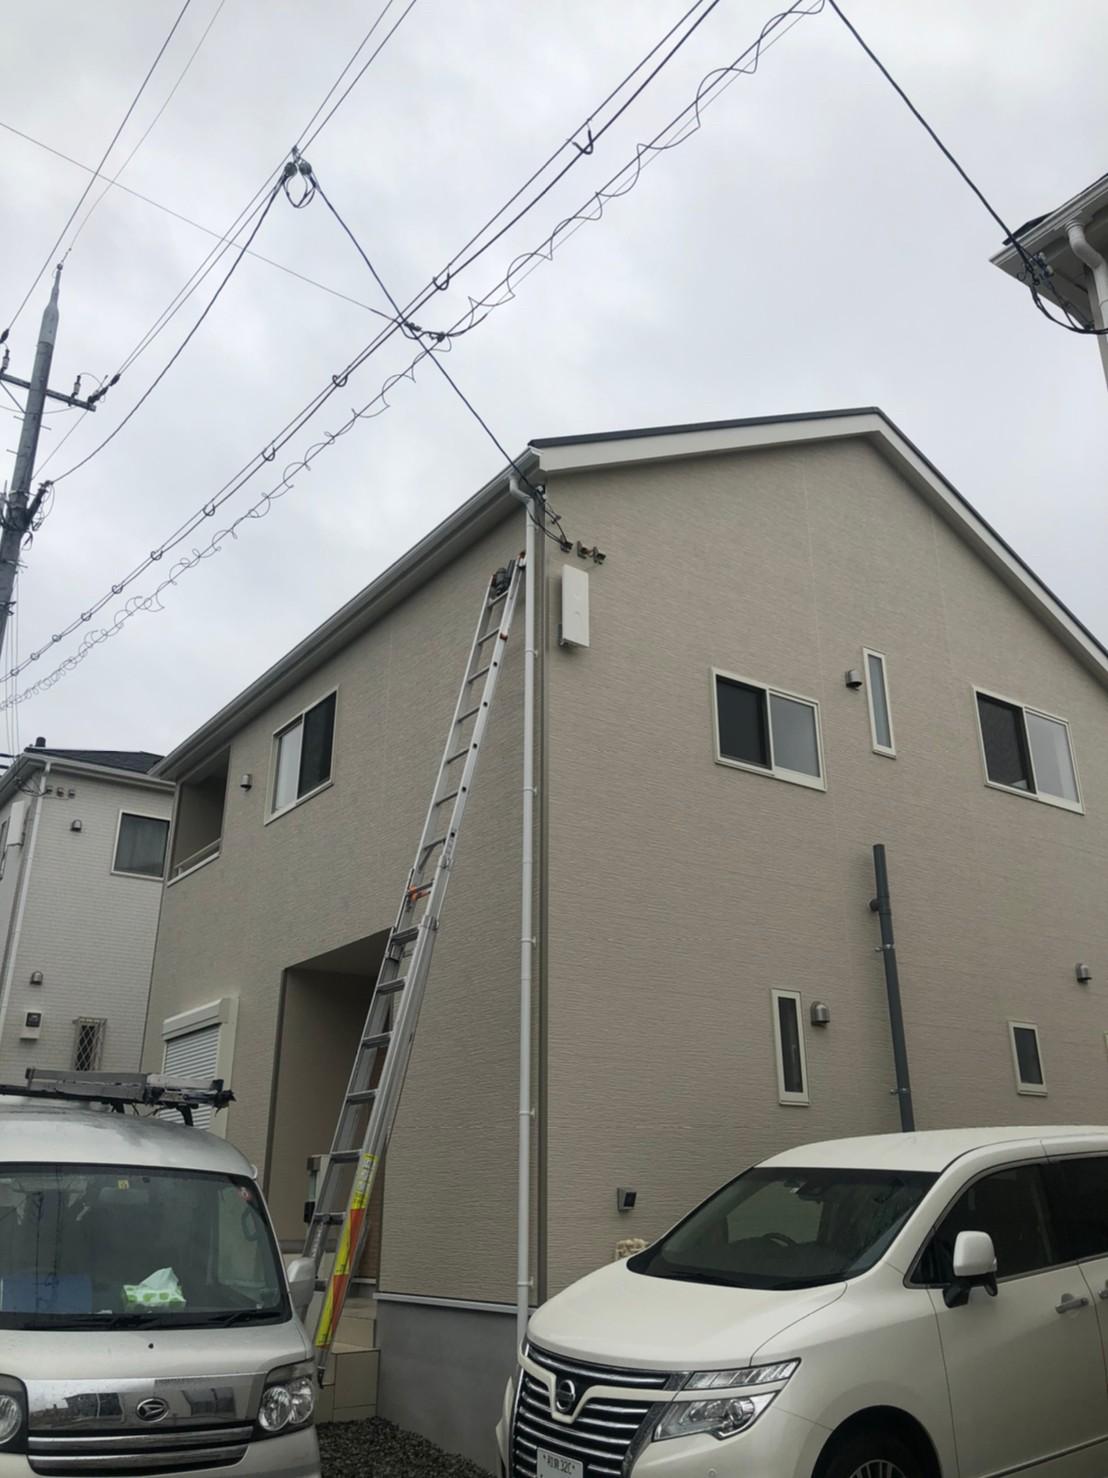 大阪府河内長野市 新築 地デジデザインアンテナ取付設置工事